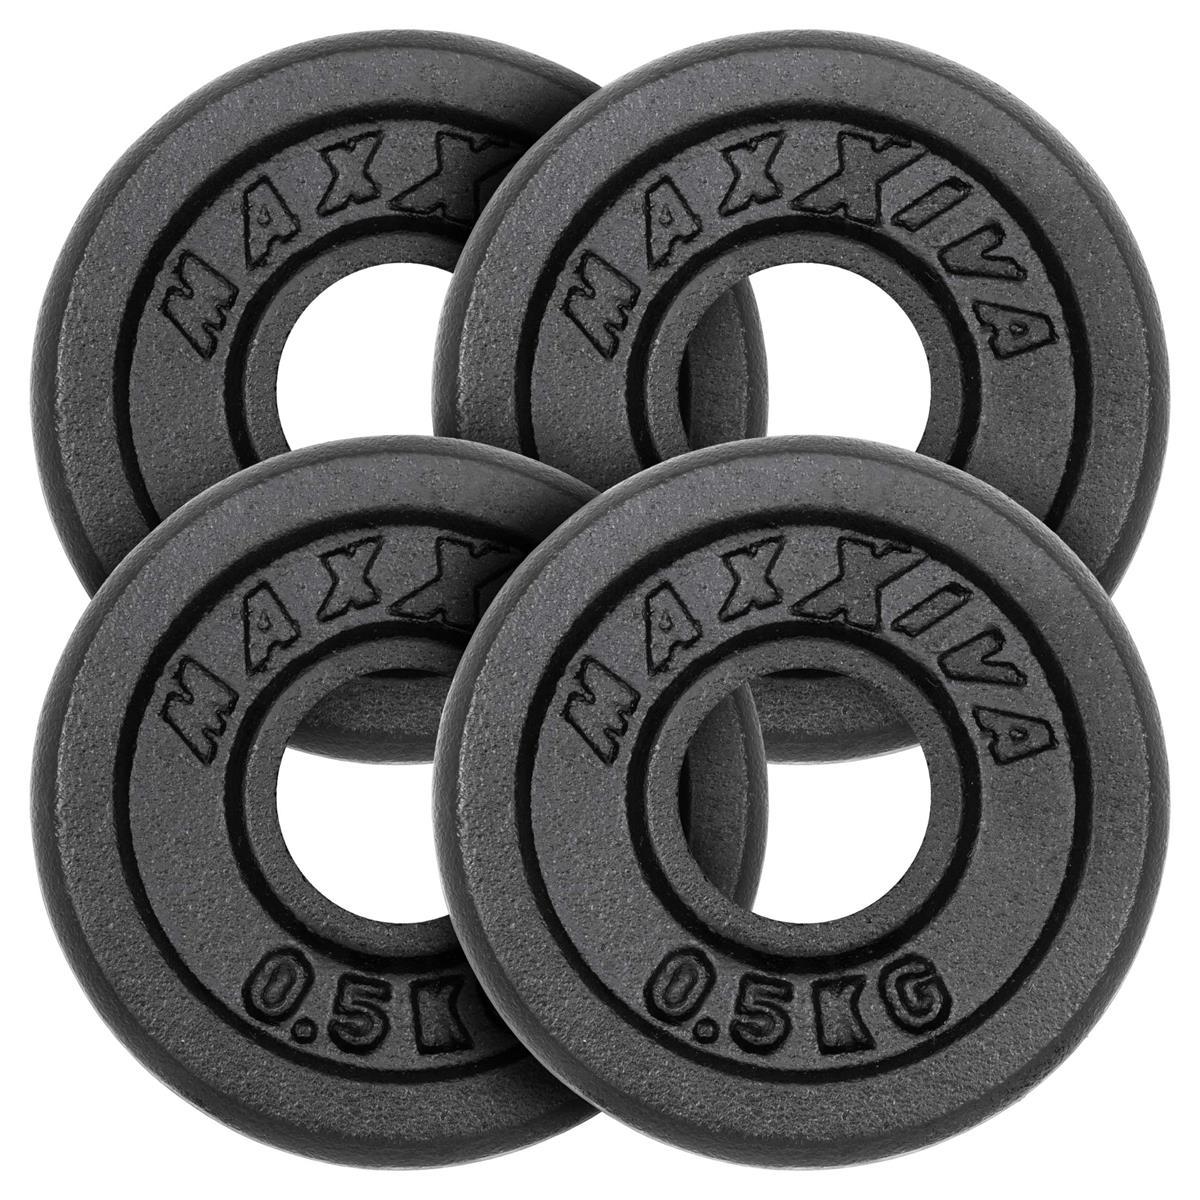 MAXXIVA Hantelscheiben 4er Set Gewichtsplatte je 0,5 kg Gusseisen schwarz 2 kg